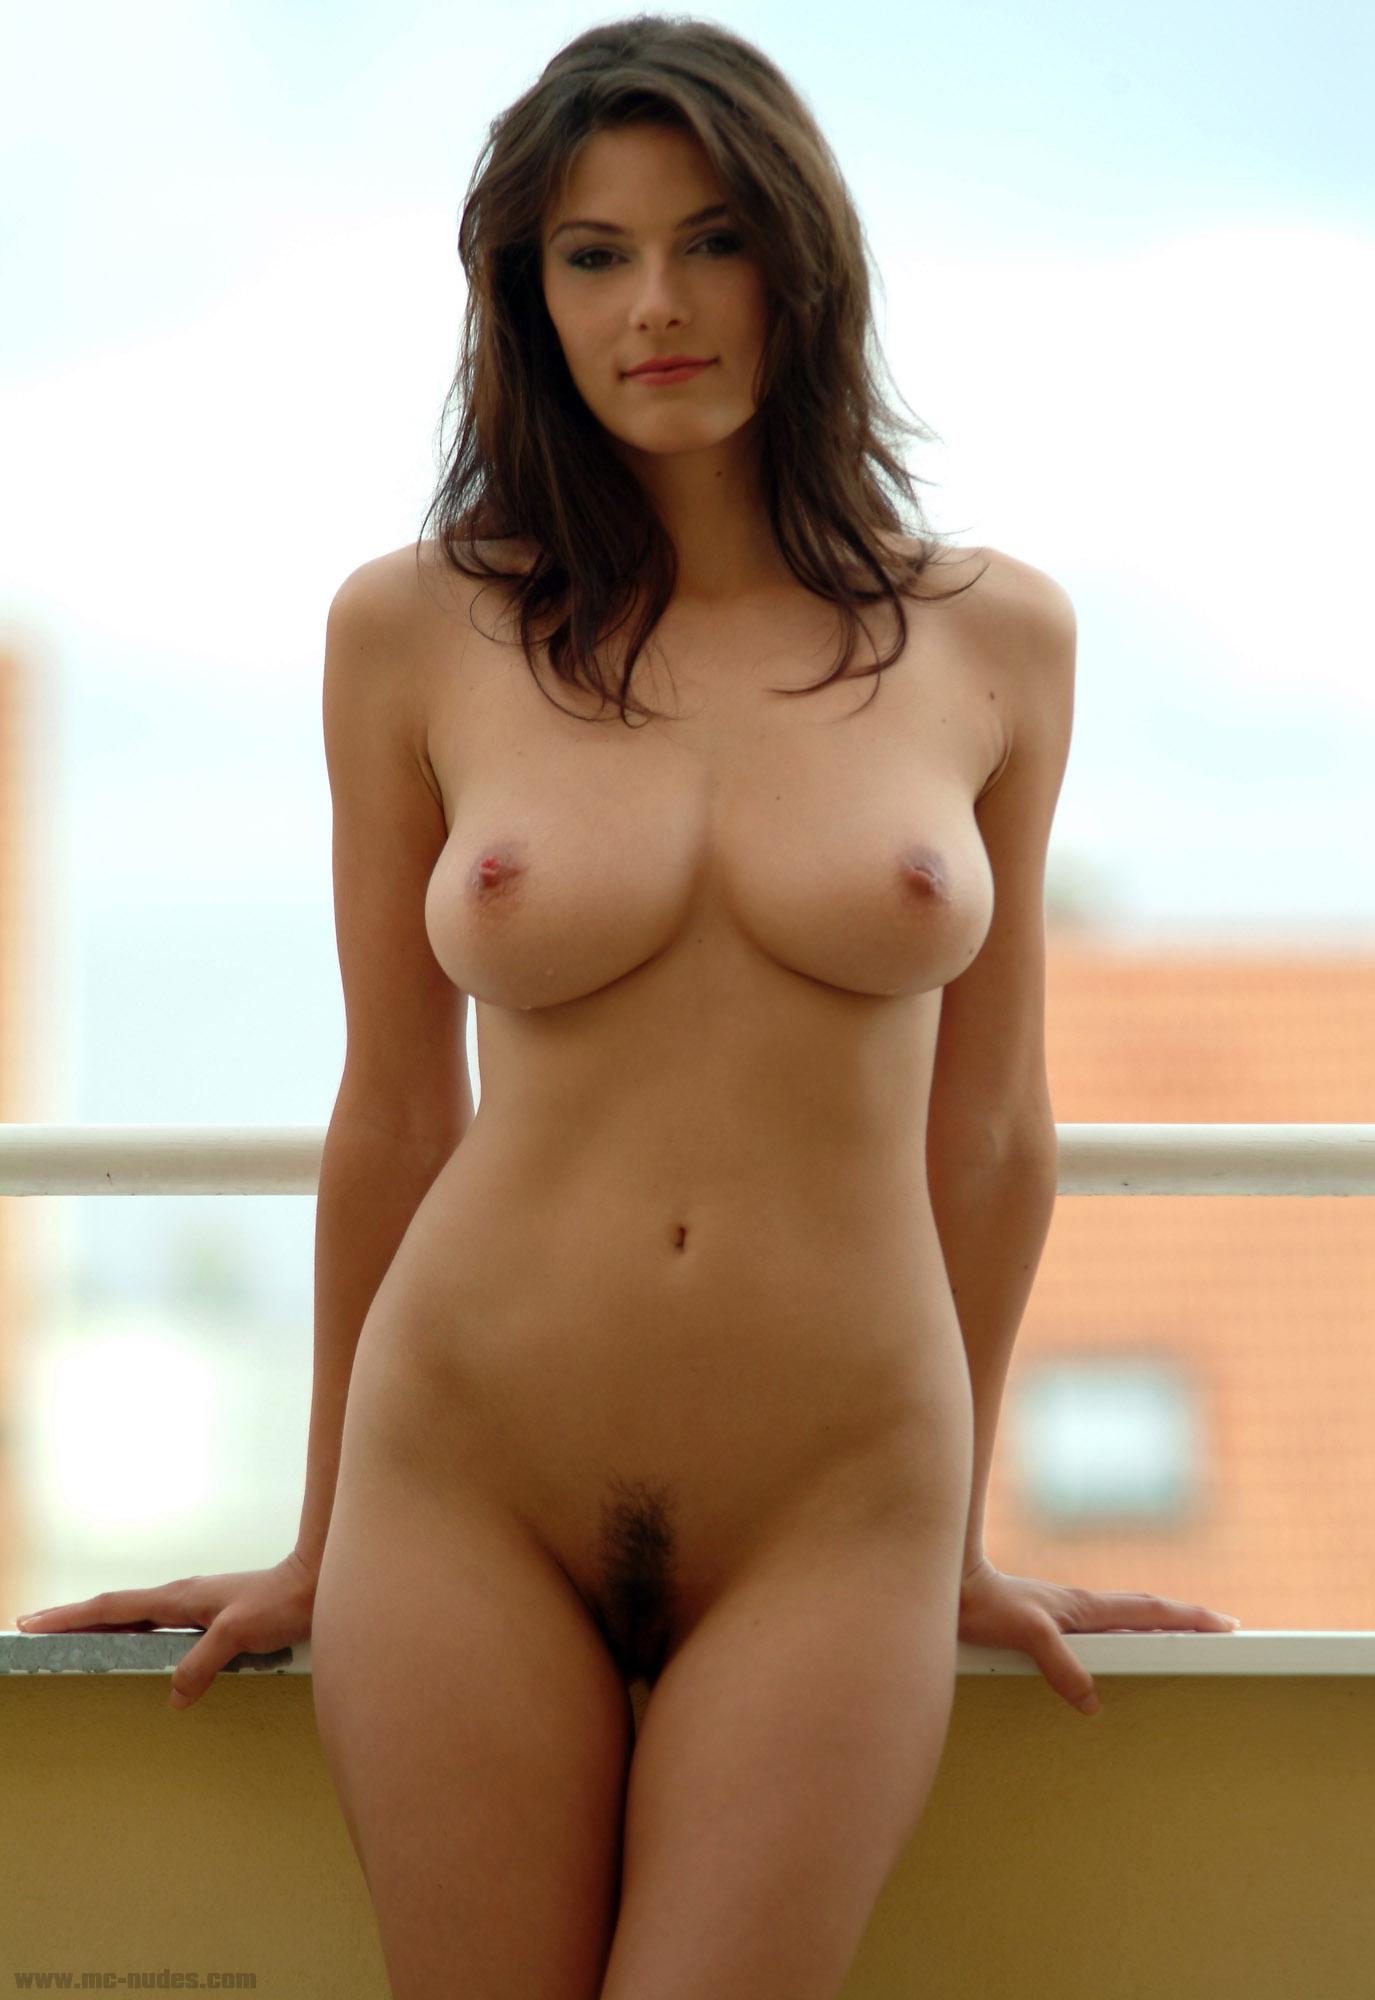 Фото полностью голых девок 12 фотография